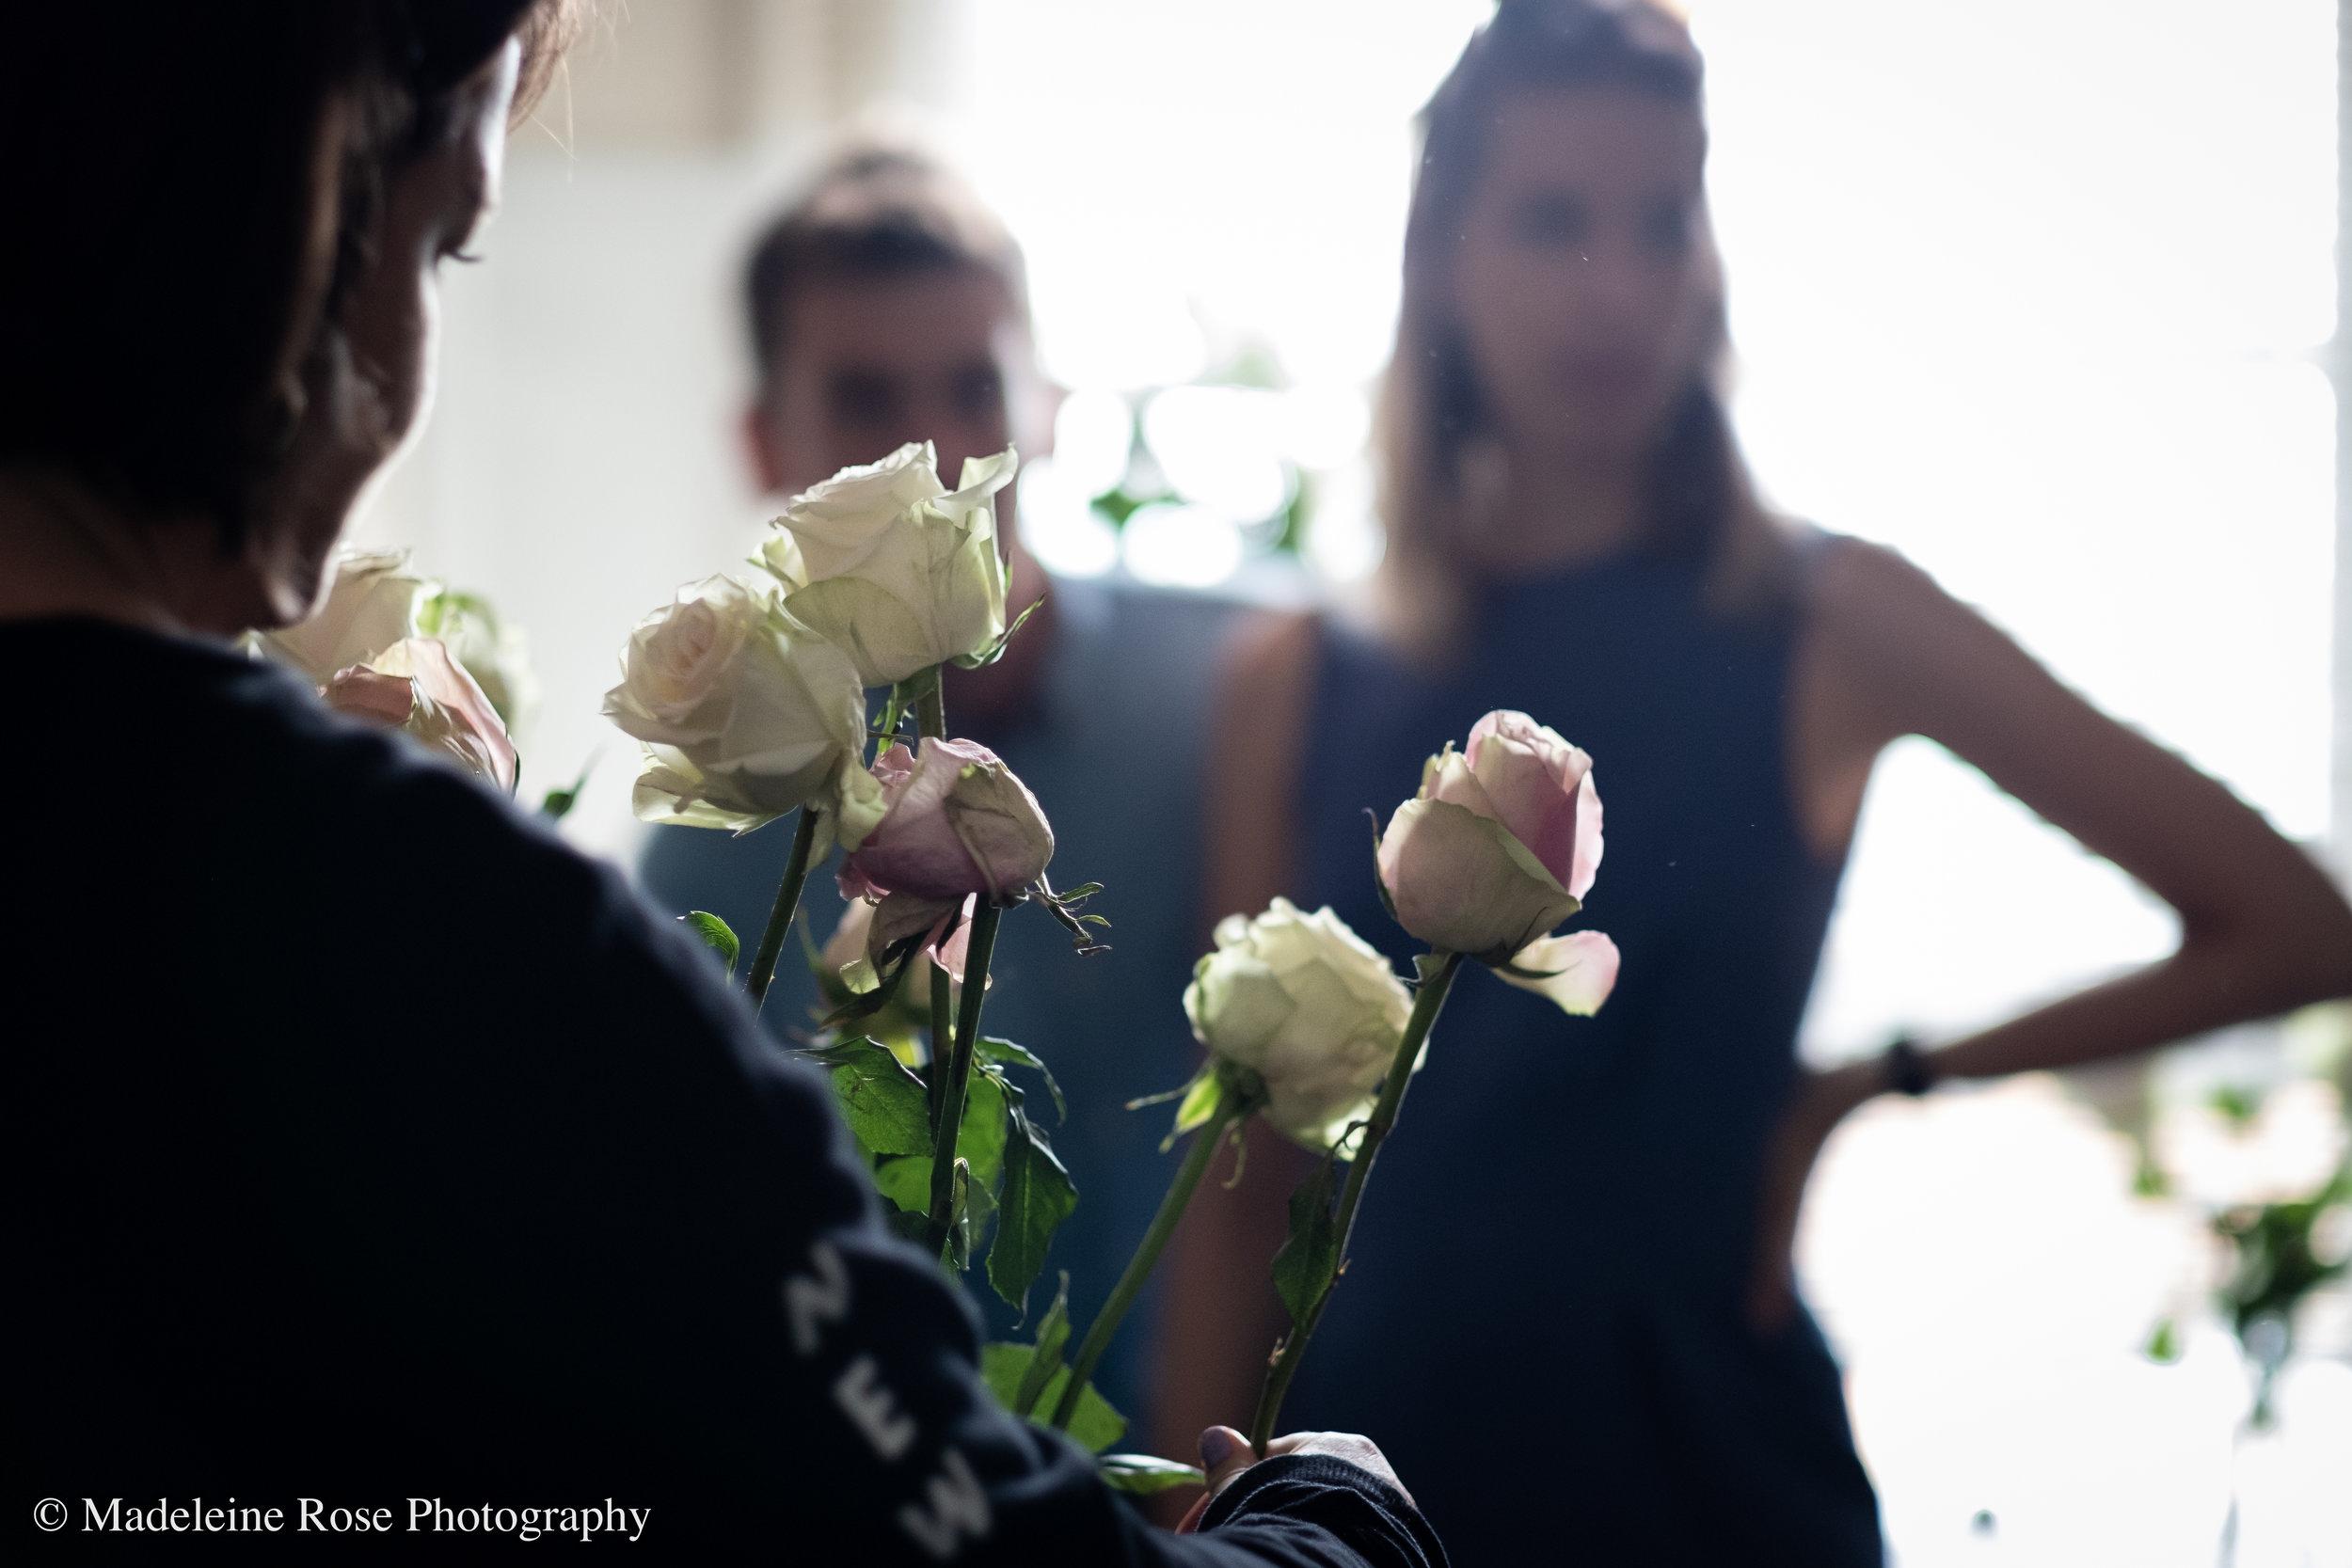 180811_EF_funeralflowers-12.jpg